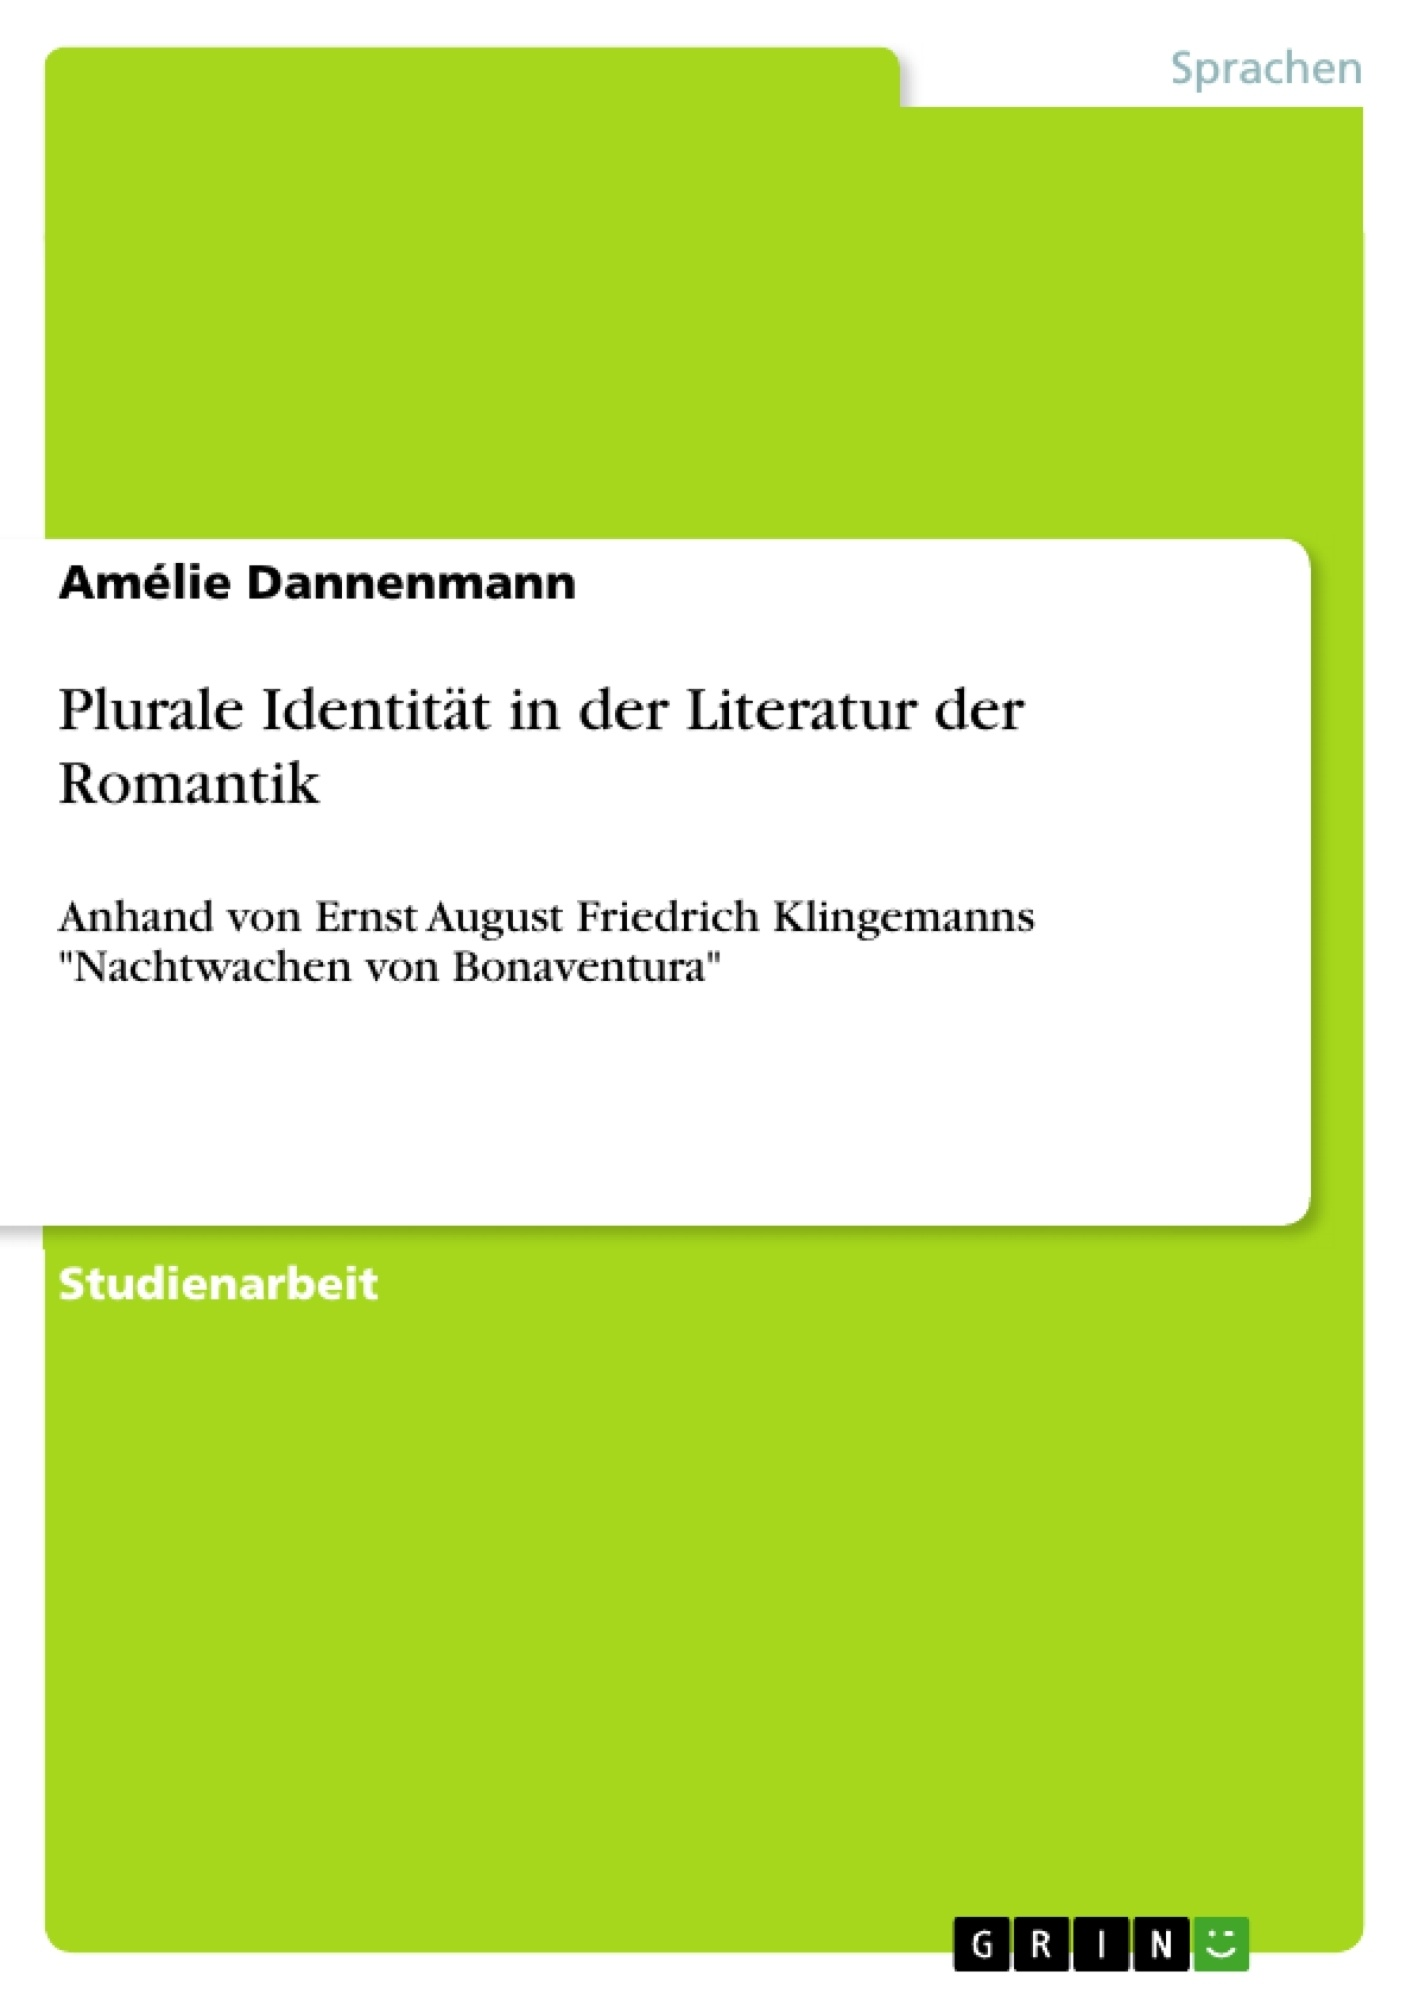 Titel: Plurale Identität in der Literatur der Romantik